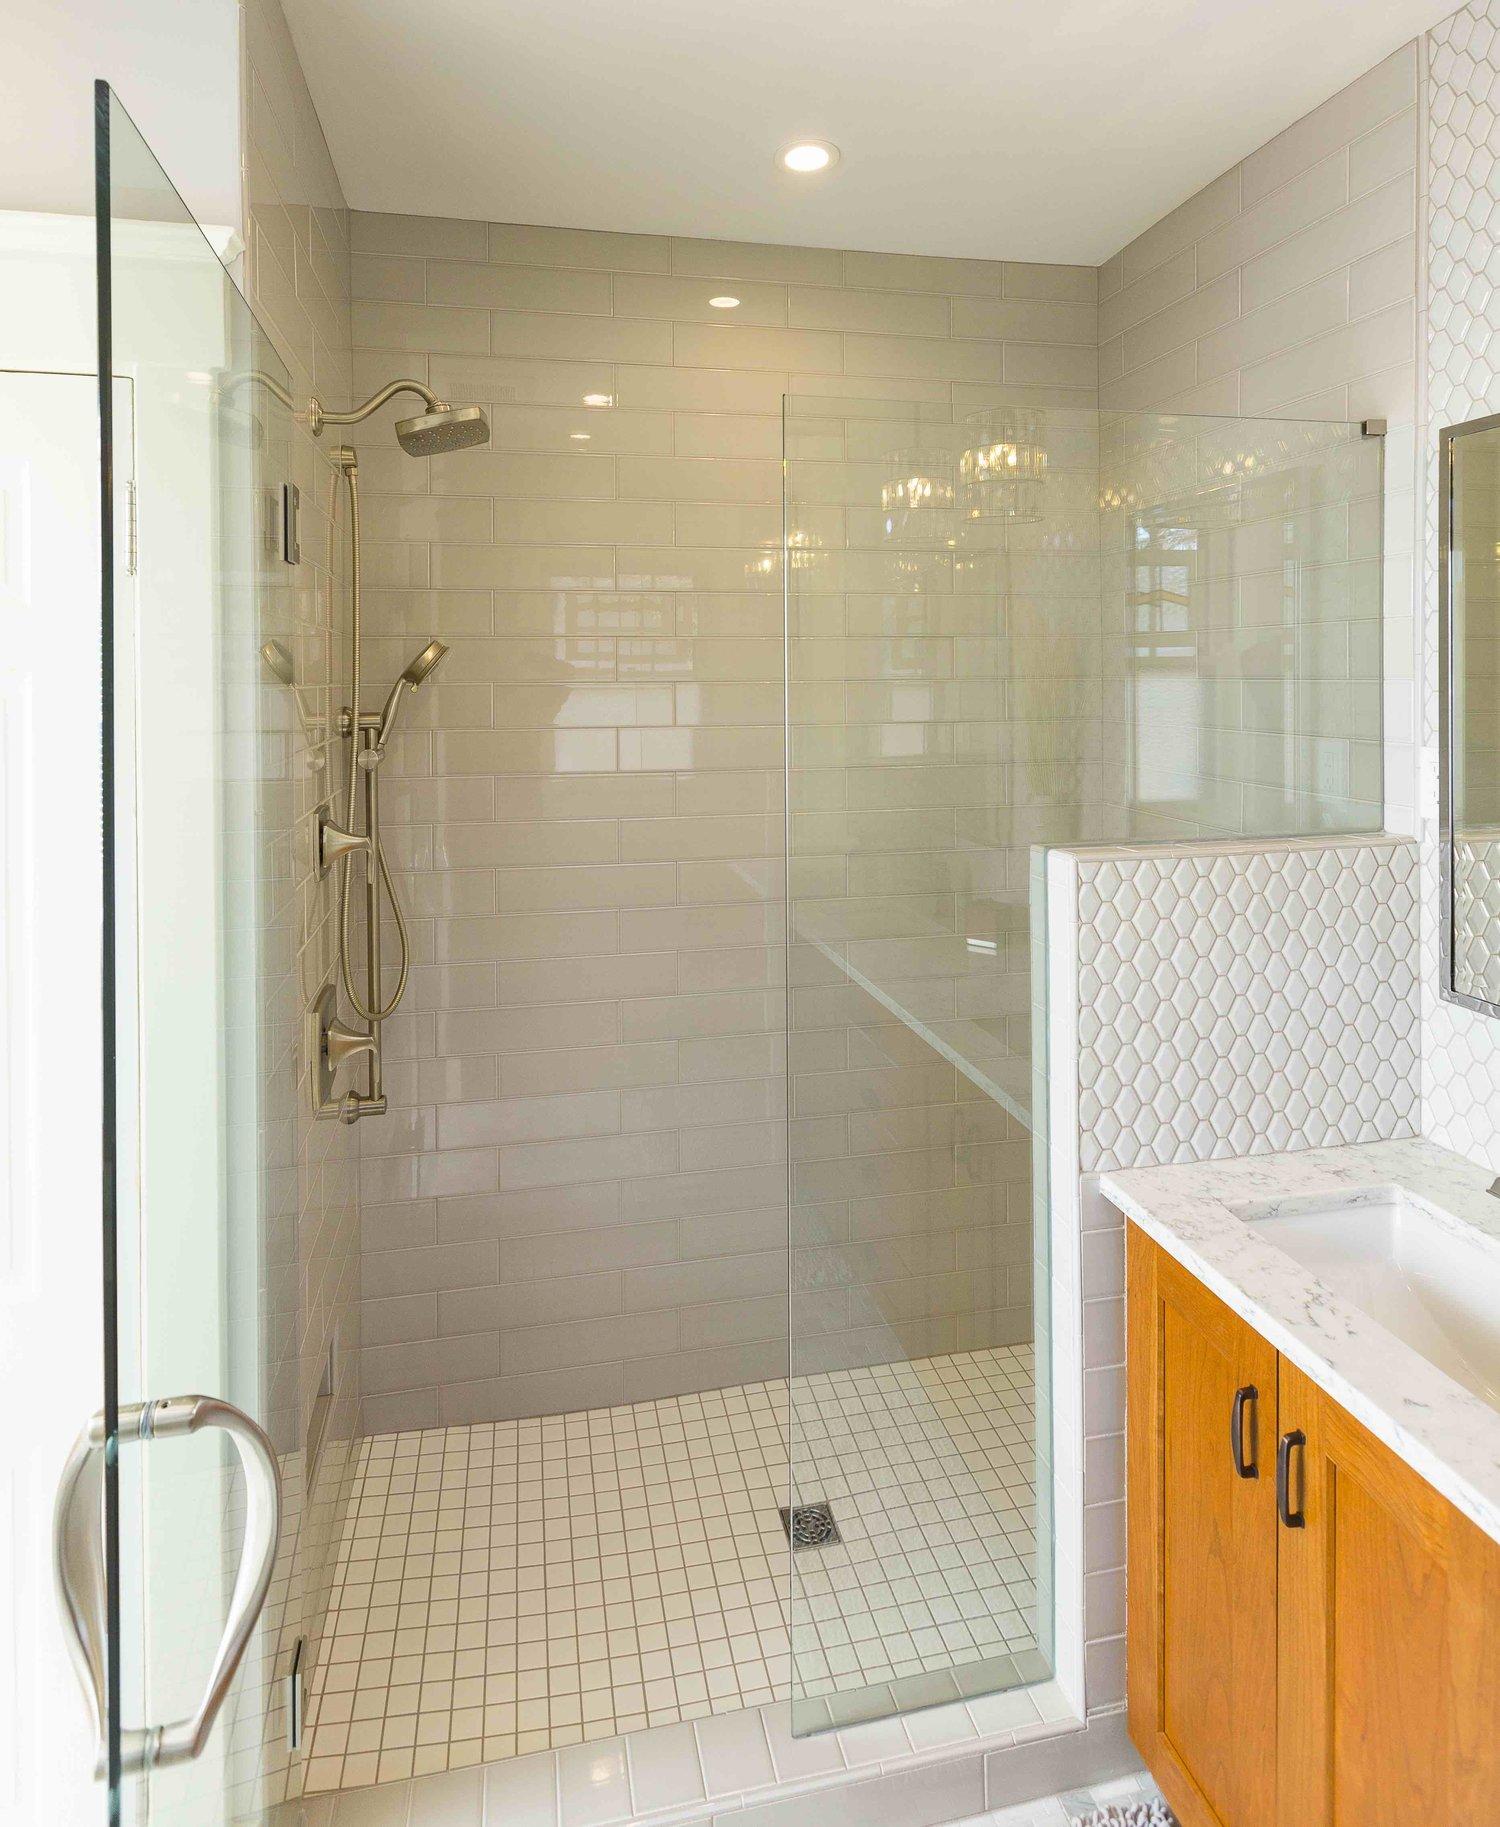 Craftsman+Bathroom+Remodel+Ideas+and+Photos (1)